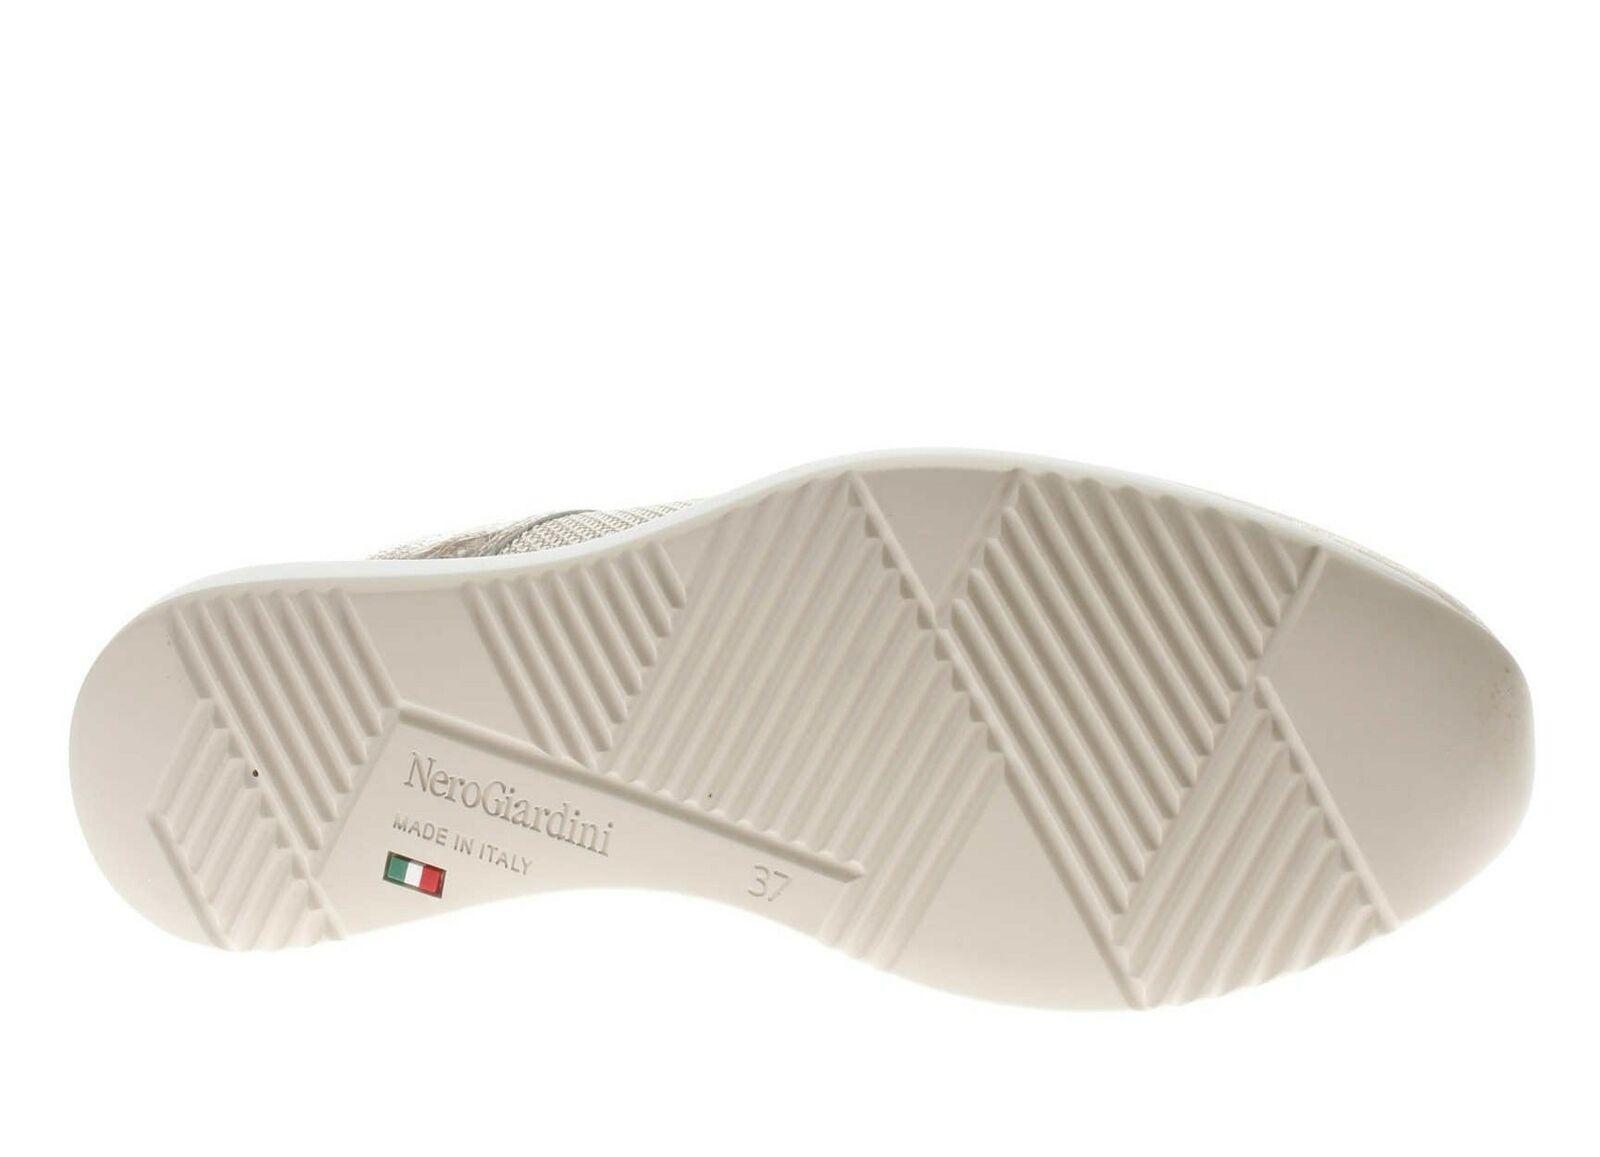 SCARPE SNEAKERS DONNA NERO GIARDINI P907520D 446 CREMA ORO